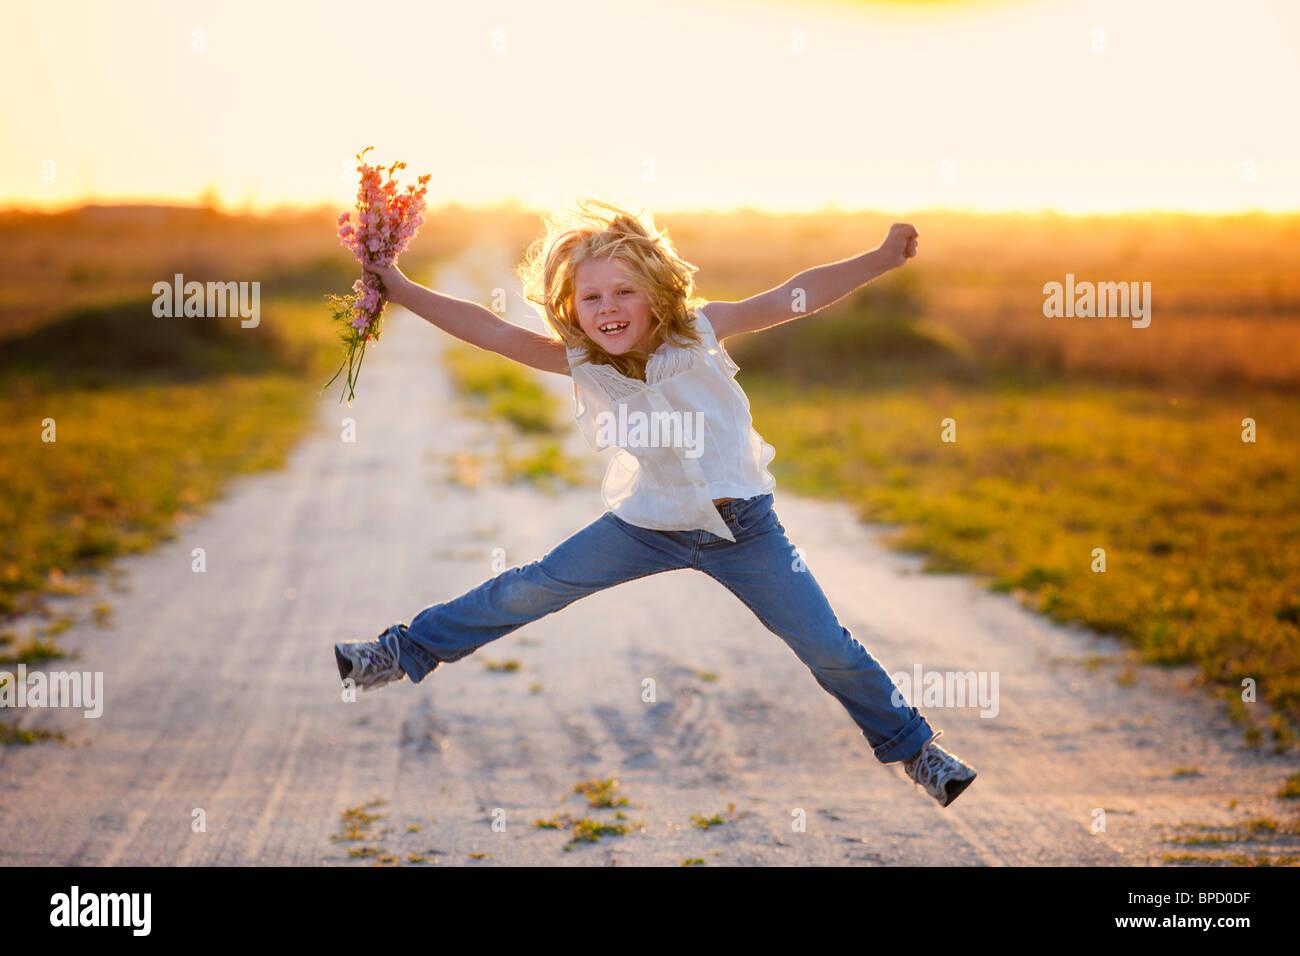 Joven sosteniendo flores saltar en el aire Imagen De Stock